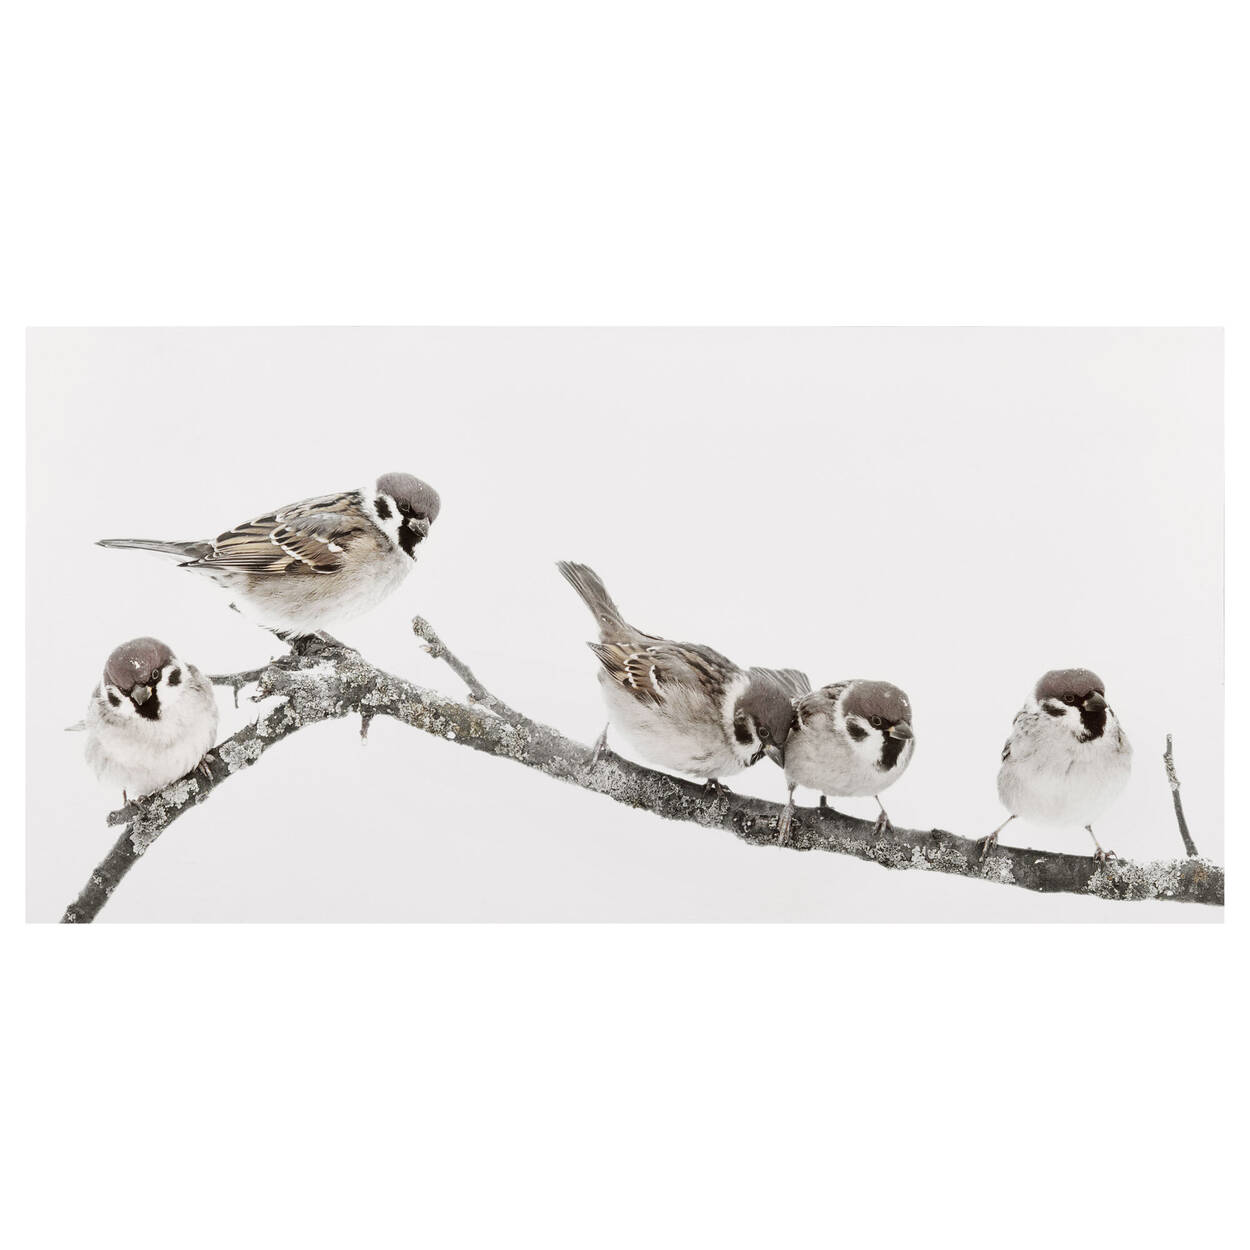 Tableau imprimé de petits oiseaux perchés